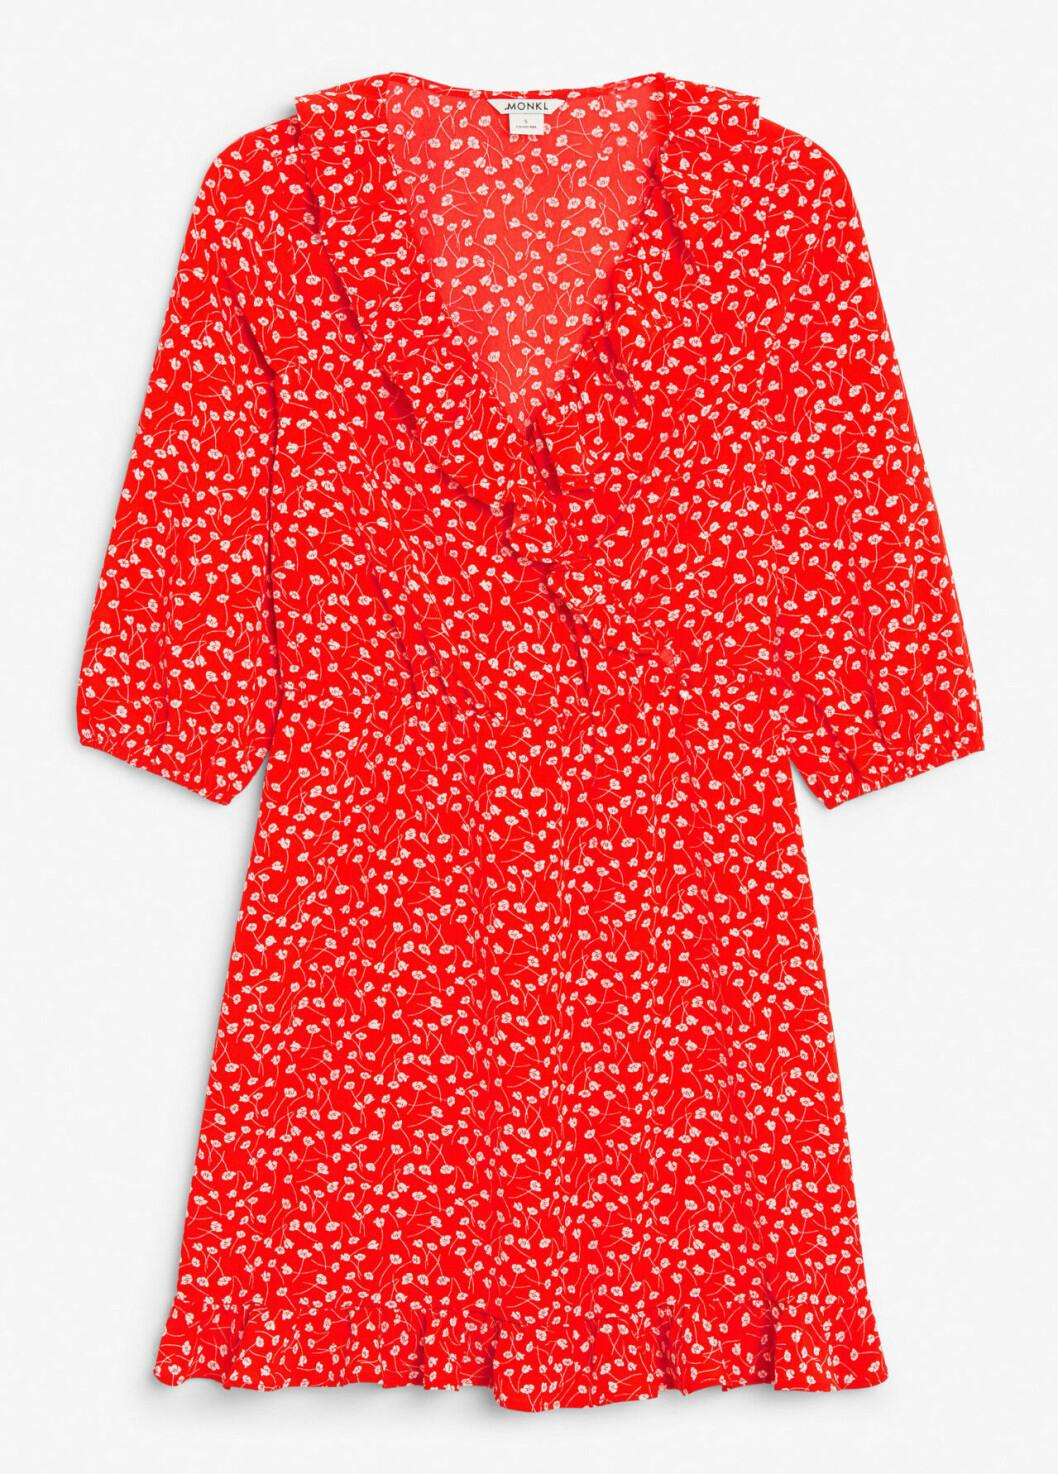 Röd småblommig klänning till skolavslutningen 2019